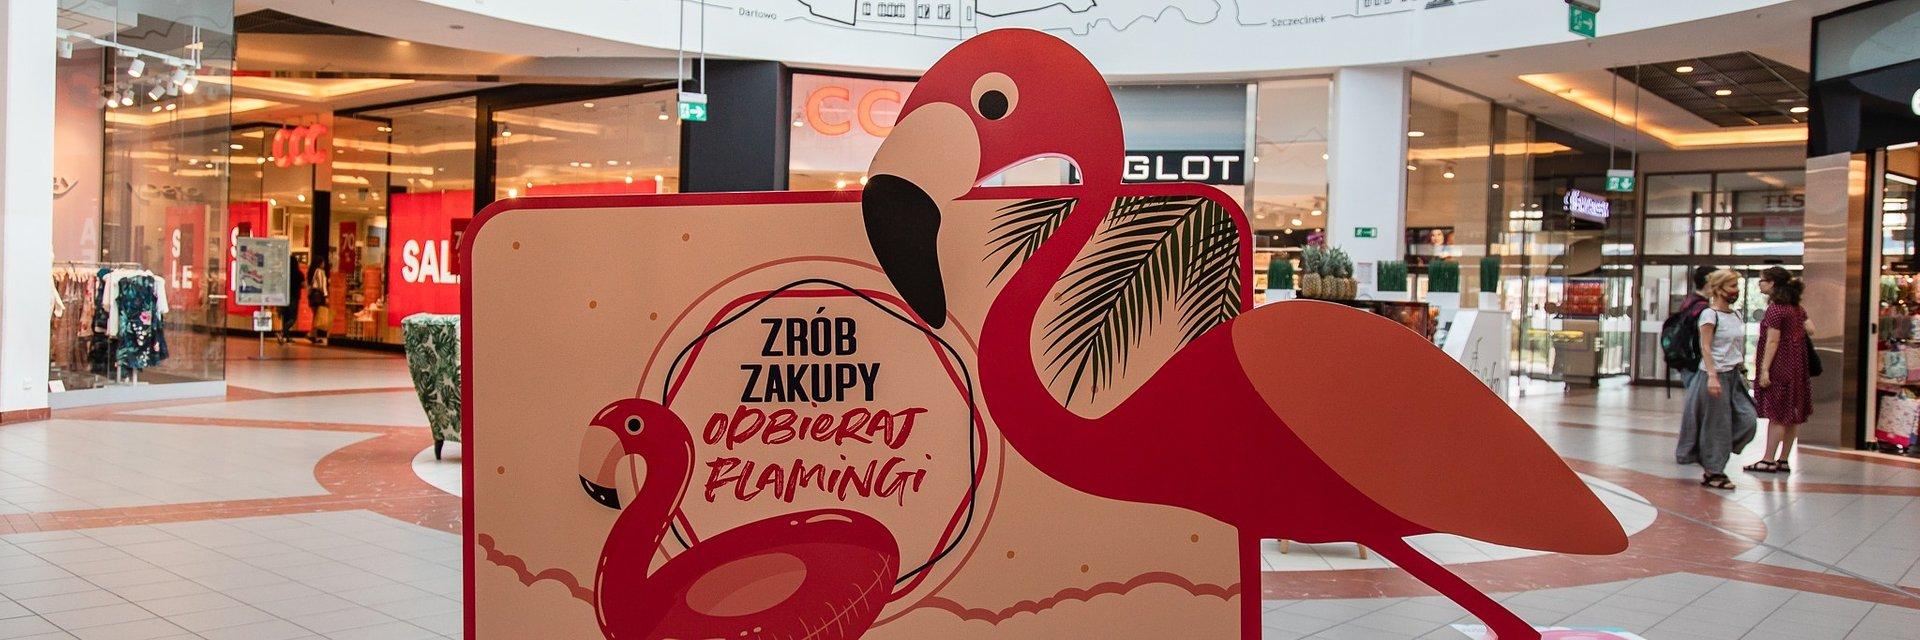 Róż, flamingi i nagrody, czyli wakacje z Forum Koszalin